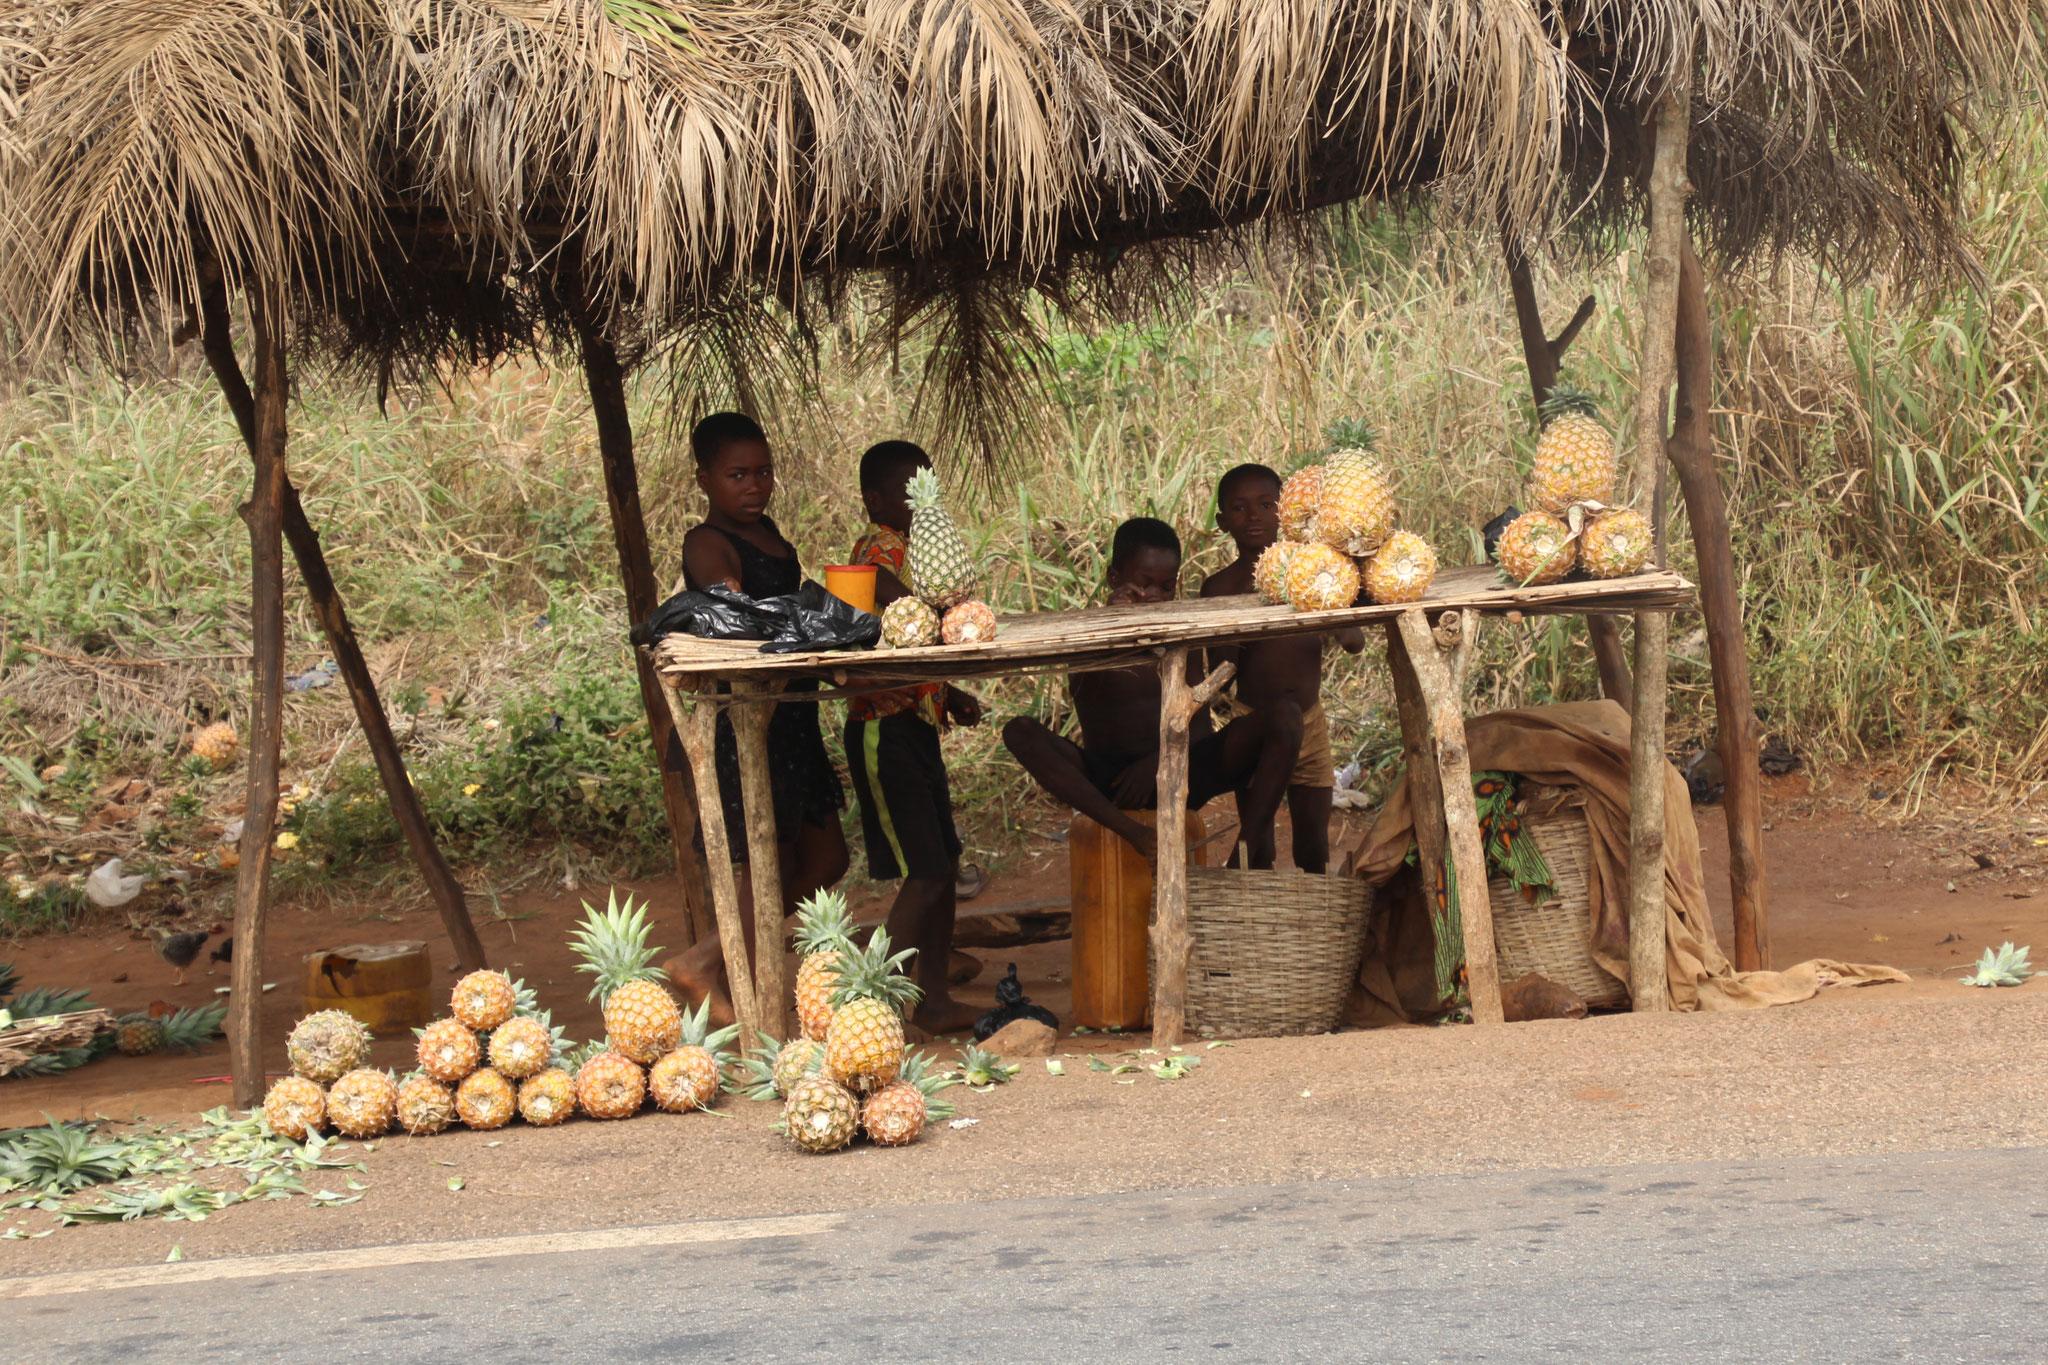 Bauernkinder verkaufen frisch geerntete Ananas.